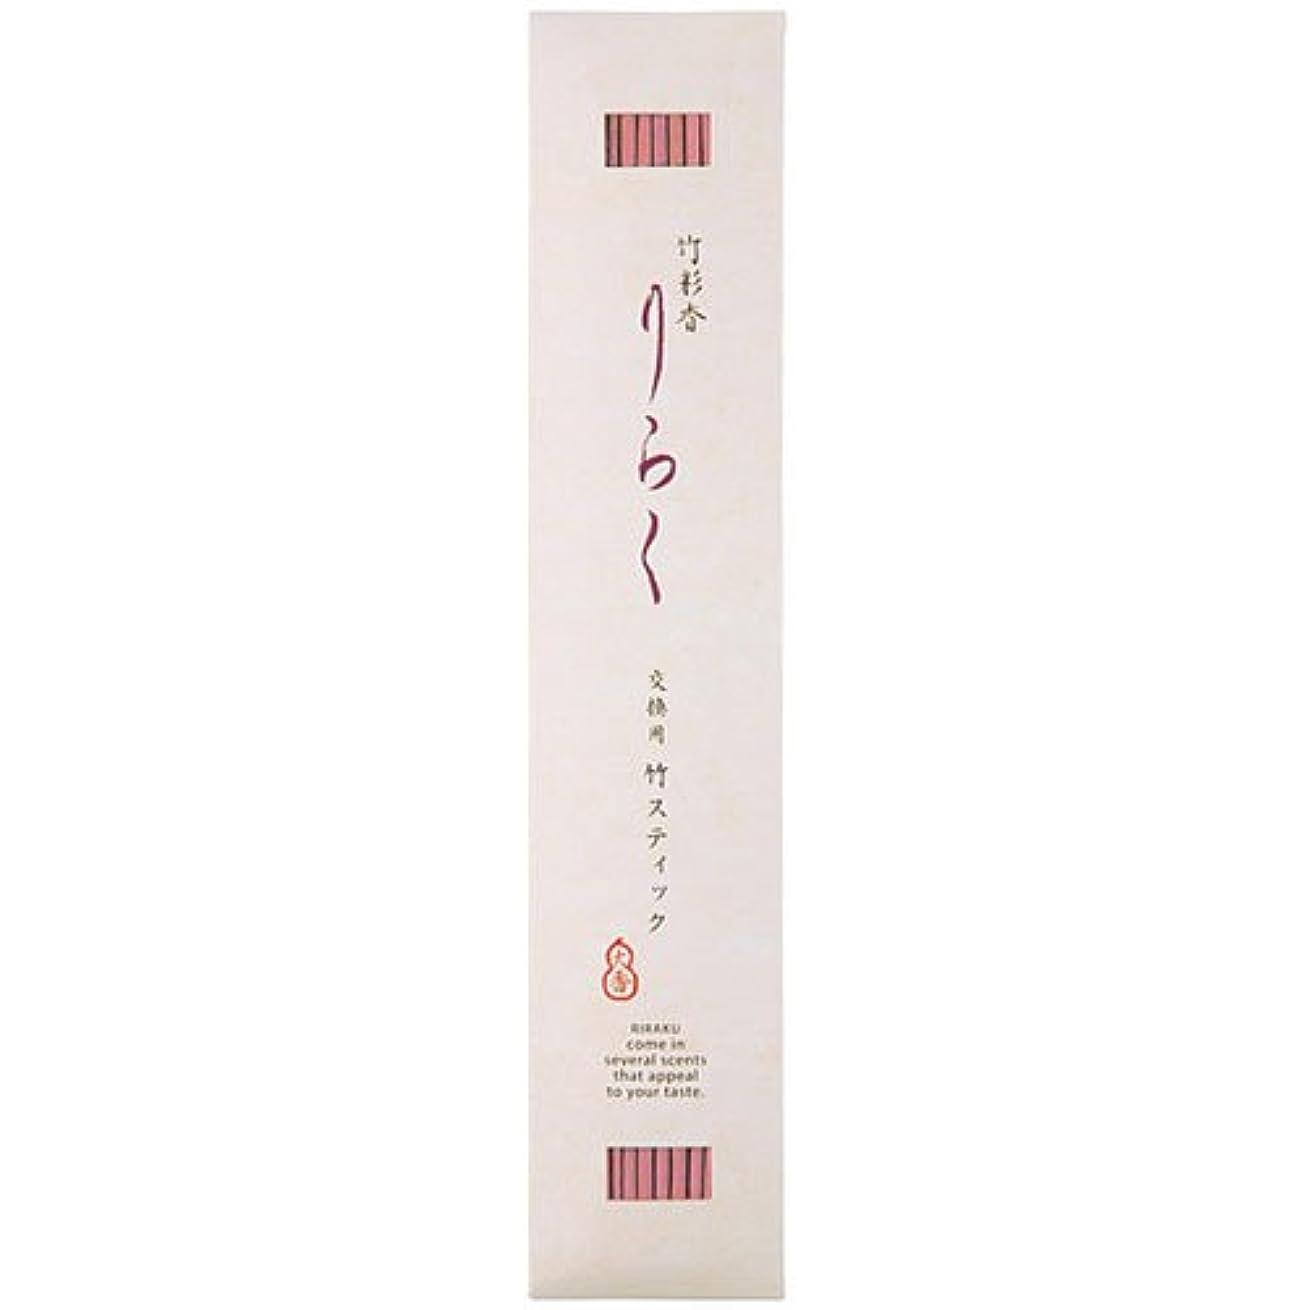 改修するバブルタクト竹彩香りらく 交換用竹スティックさくらの色 10本